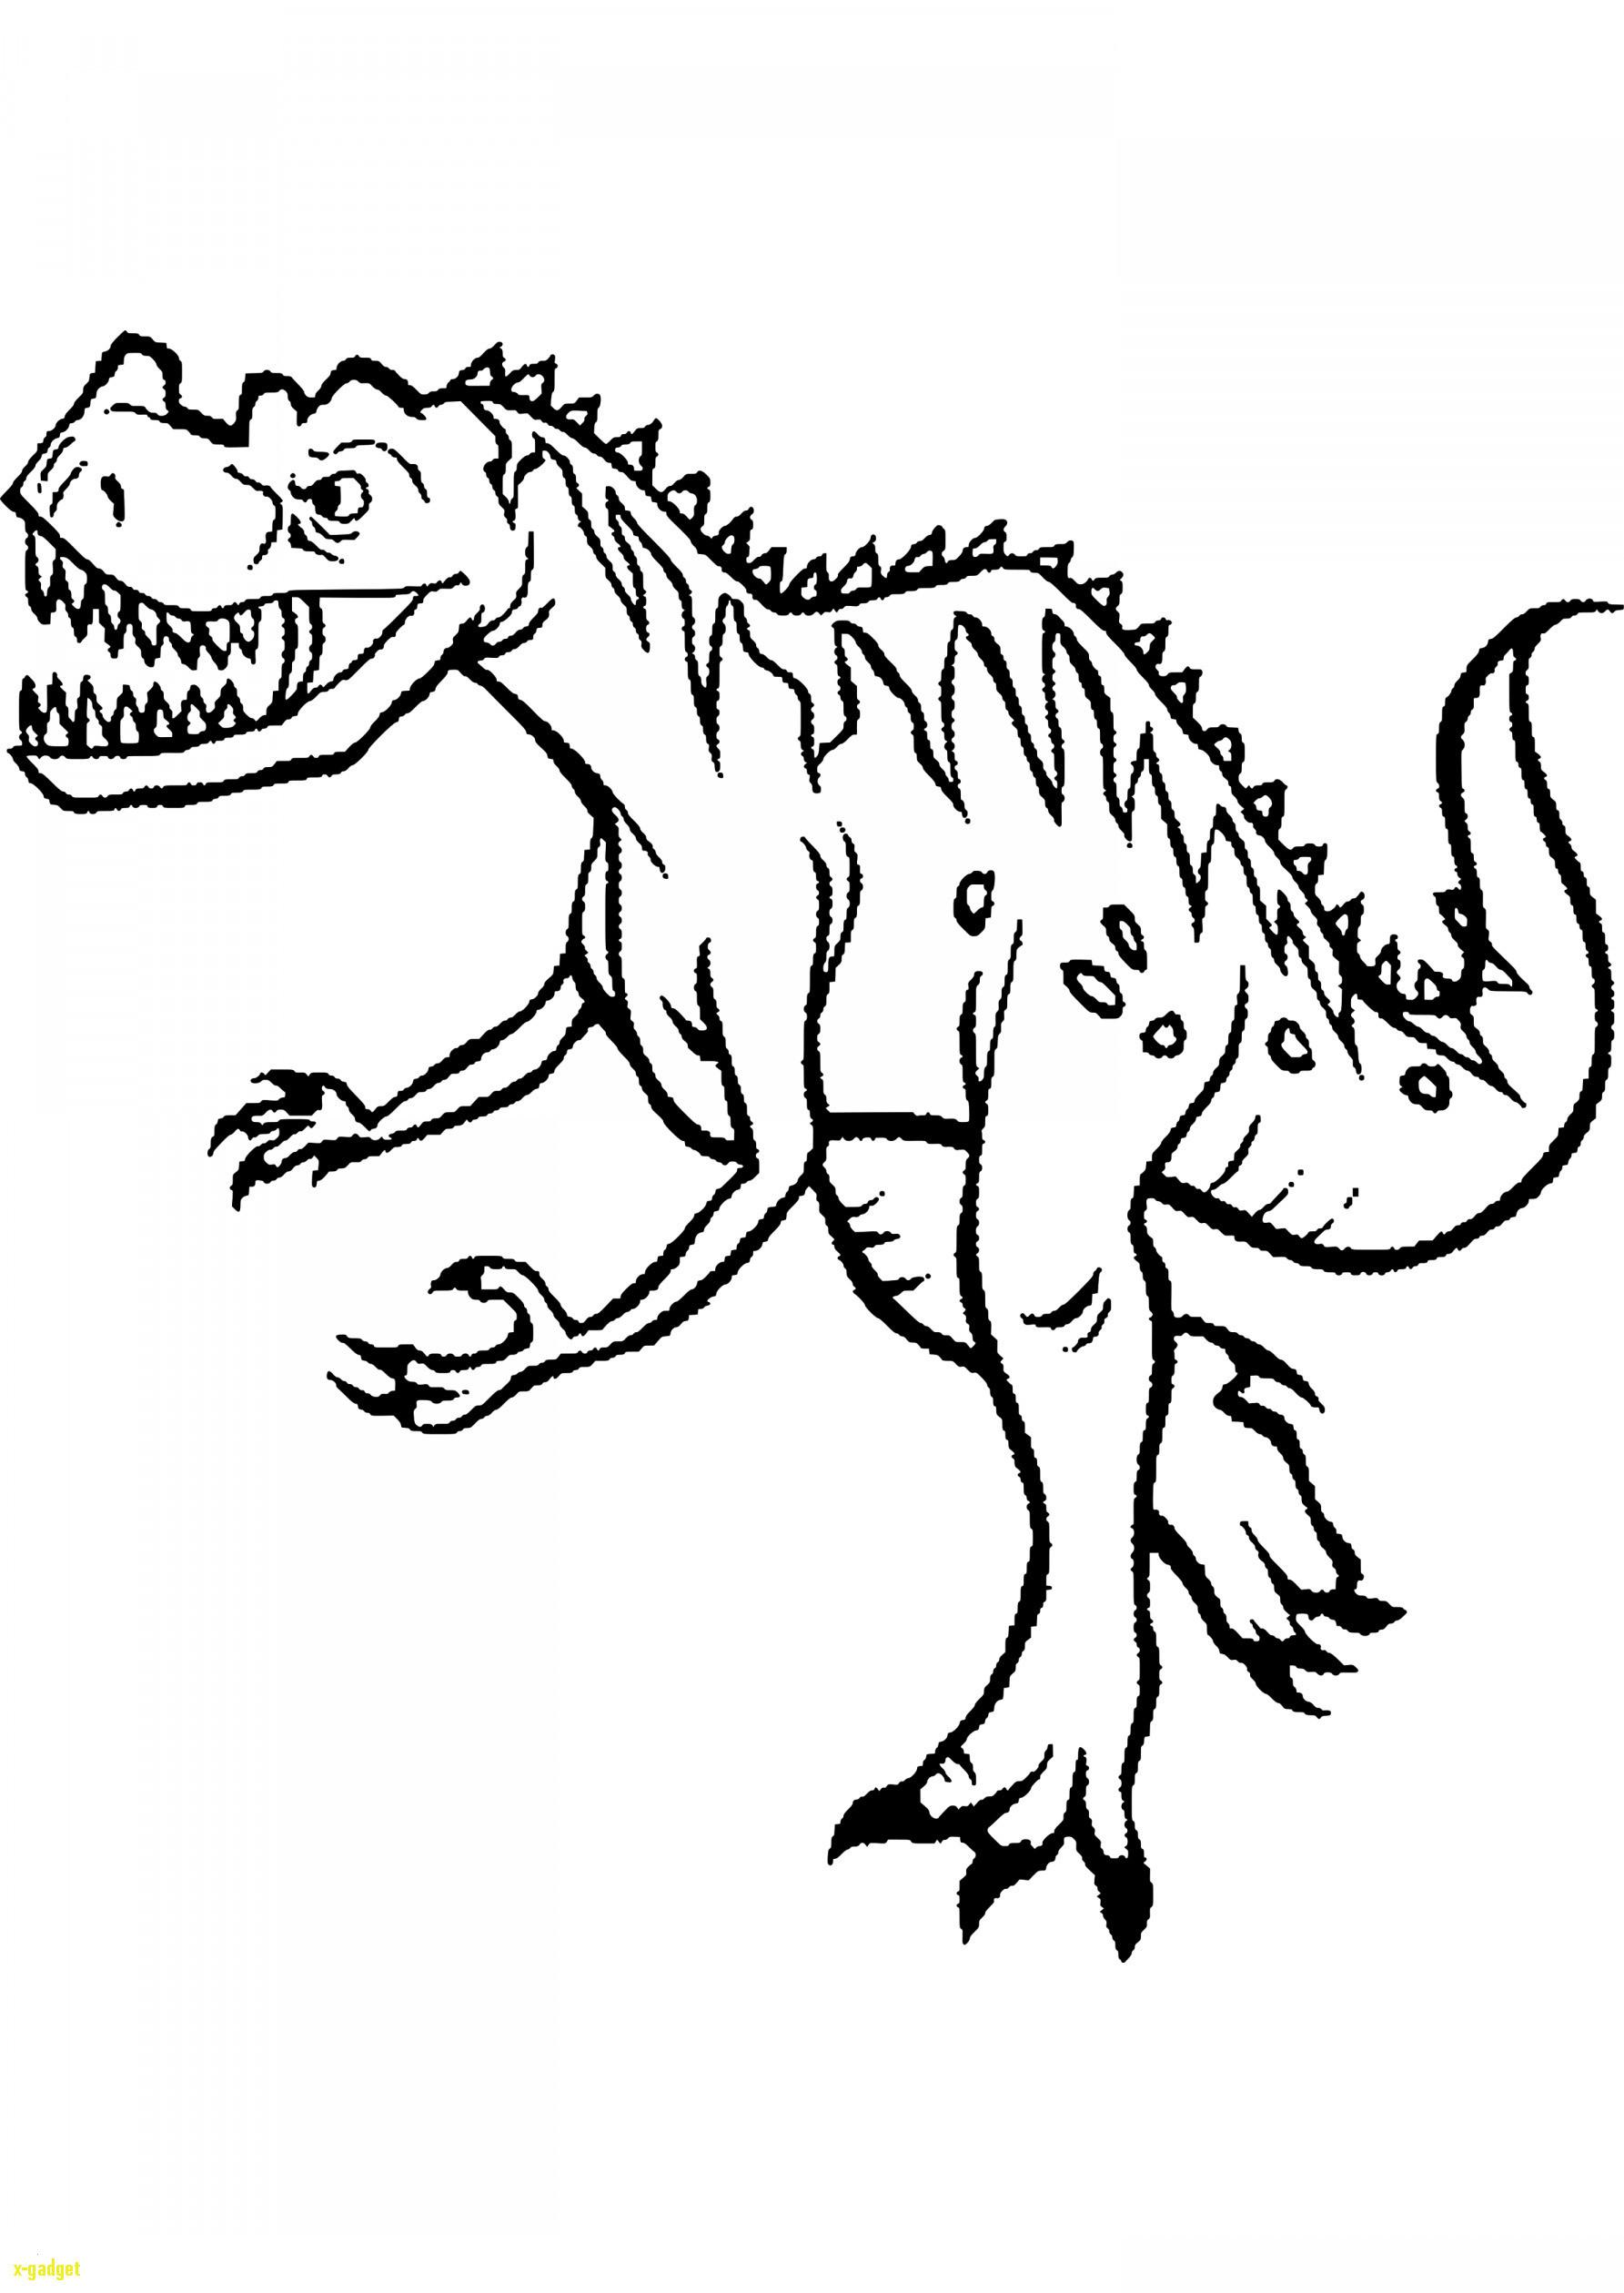 T Rex Zum Ausmalen Einzigartig Schön Malvorlage Dino Rex Art Von Malvorlagen Frisch Dinosaurier Rex Fotos